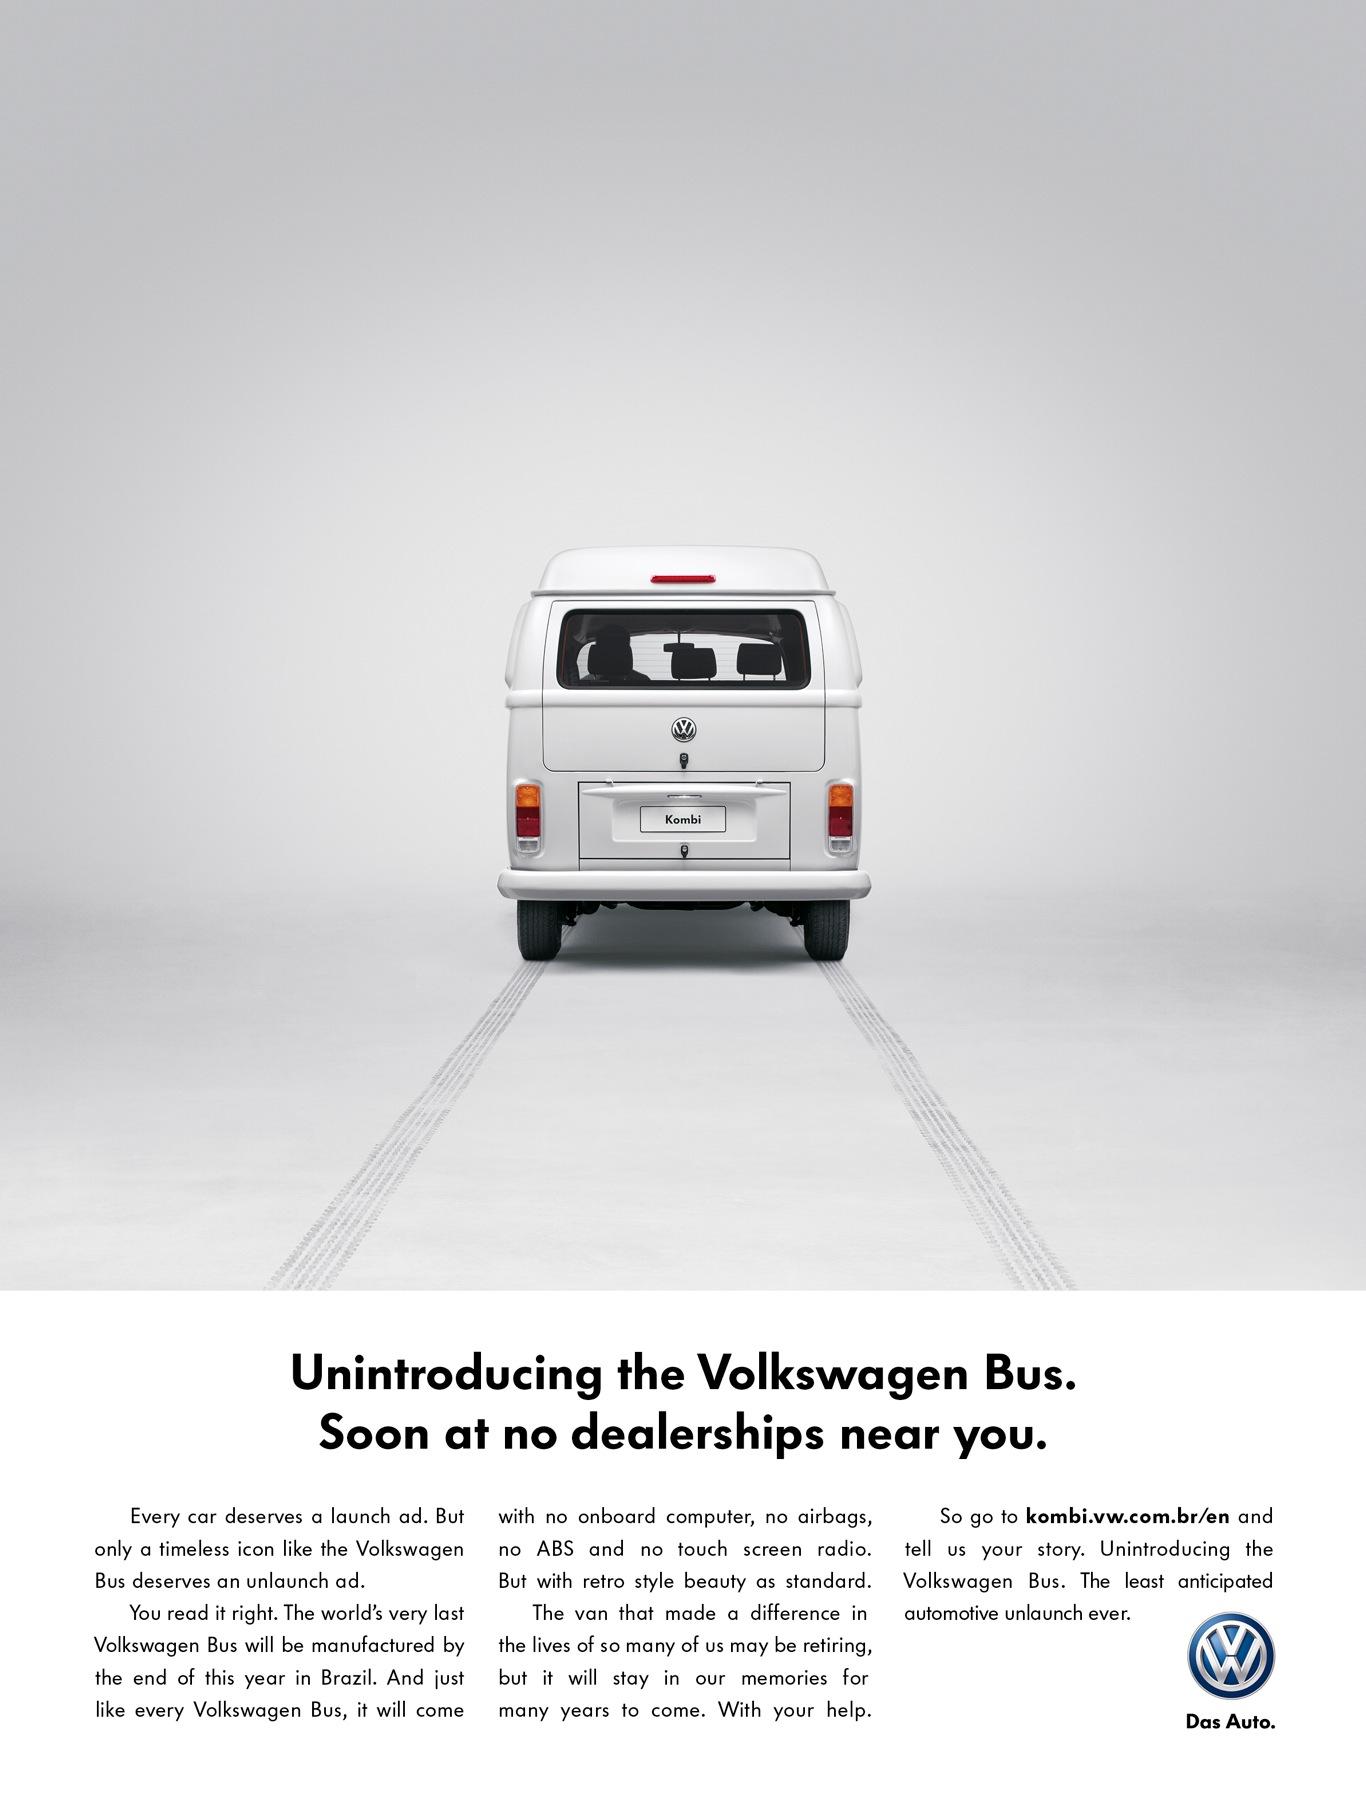 Volkswagen Bus unlaunching ad